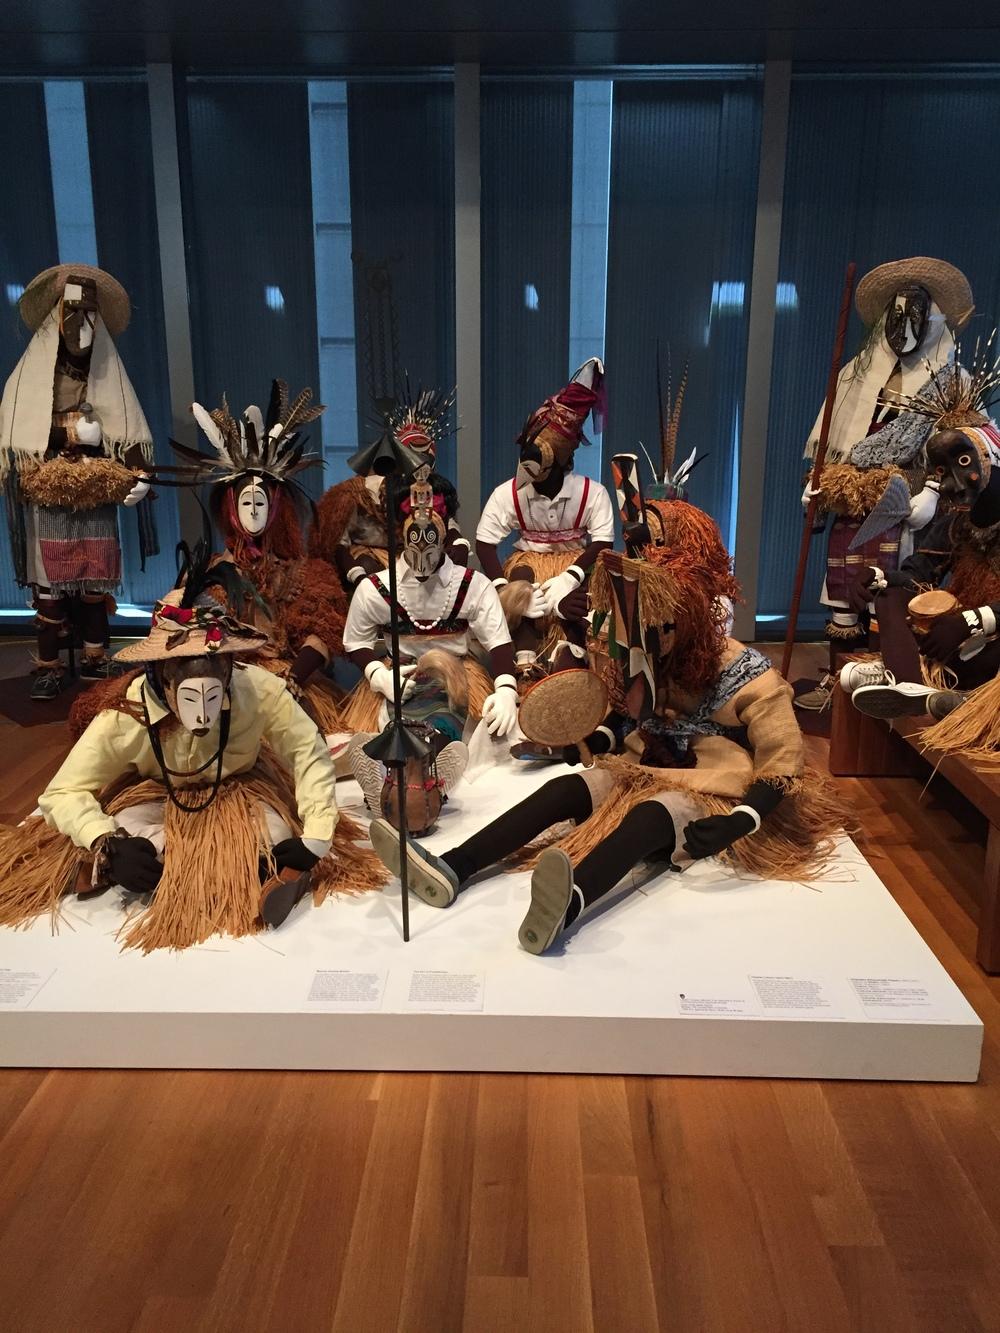 Okumpka Masquerade Players by Chukwu Okoro